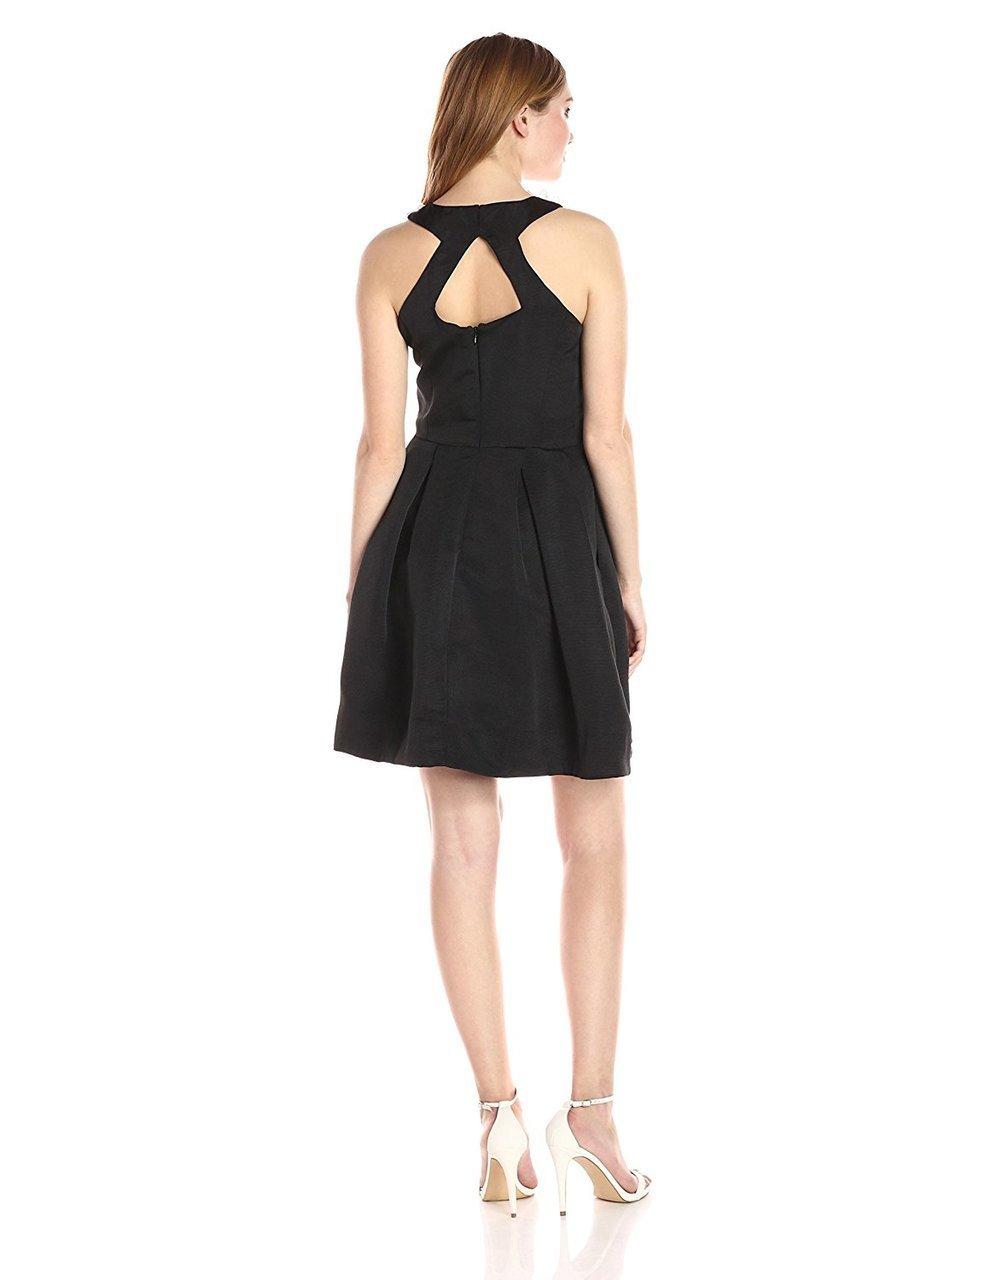 Taylor - Floral Embellished A-line Dress 8769M